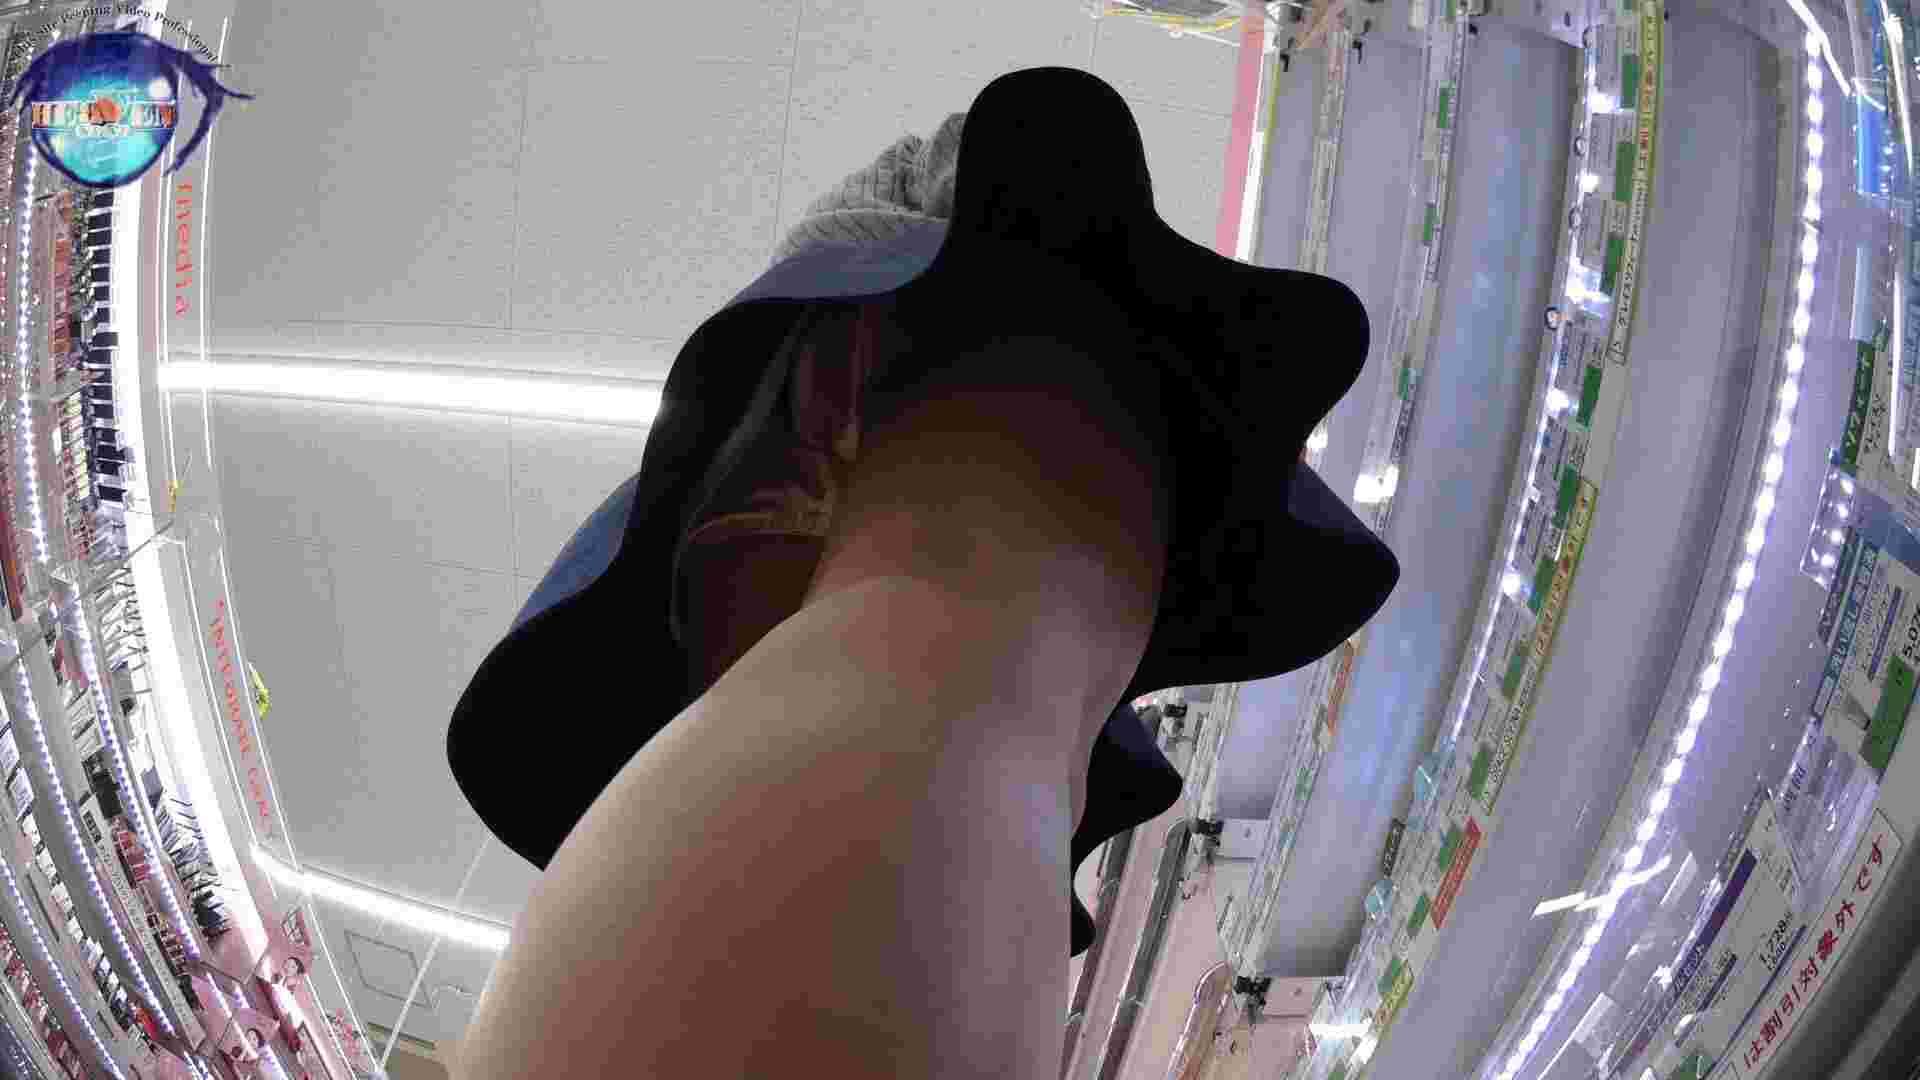 雅さんの独断と偏見で集めた動画 teenパンチラ編vol.5 ギャルのエロ動画 おまんこ無修正動画無料 79PIX 38